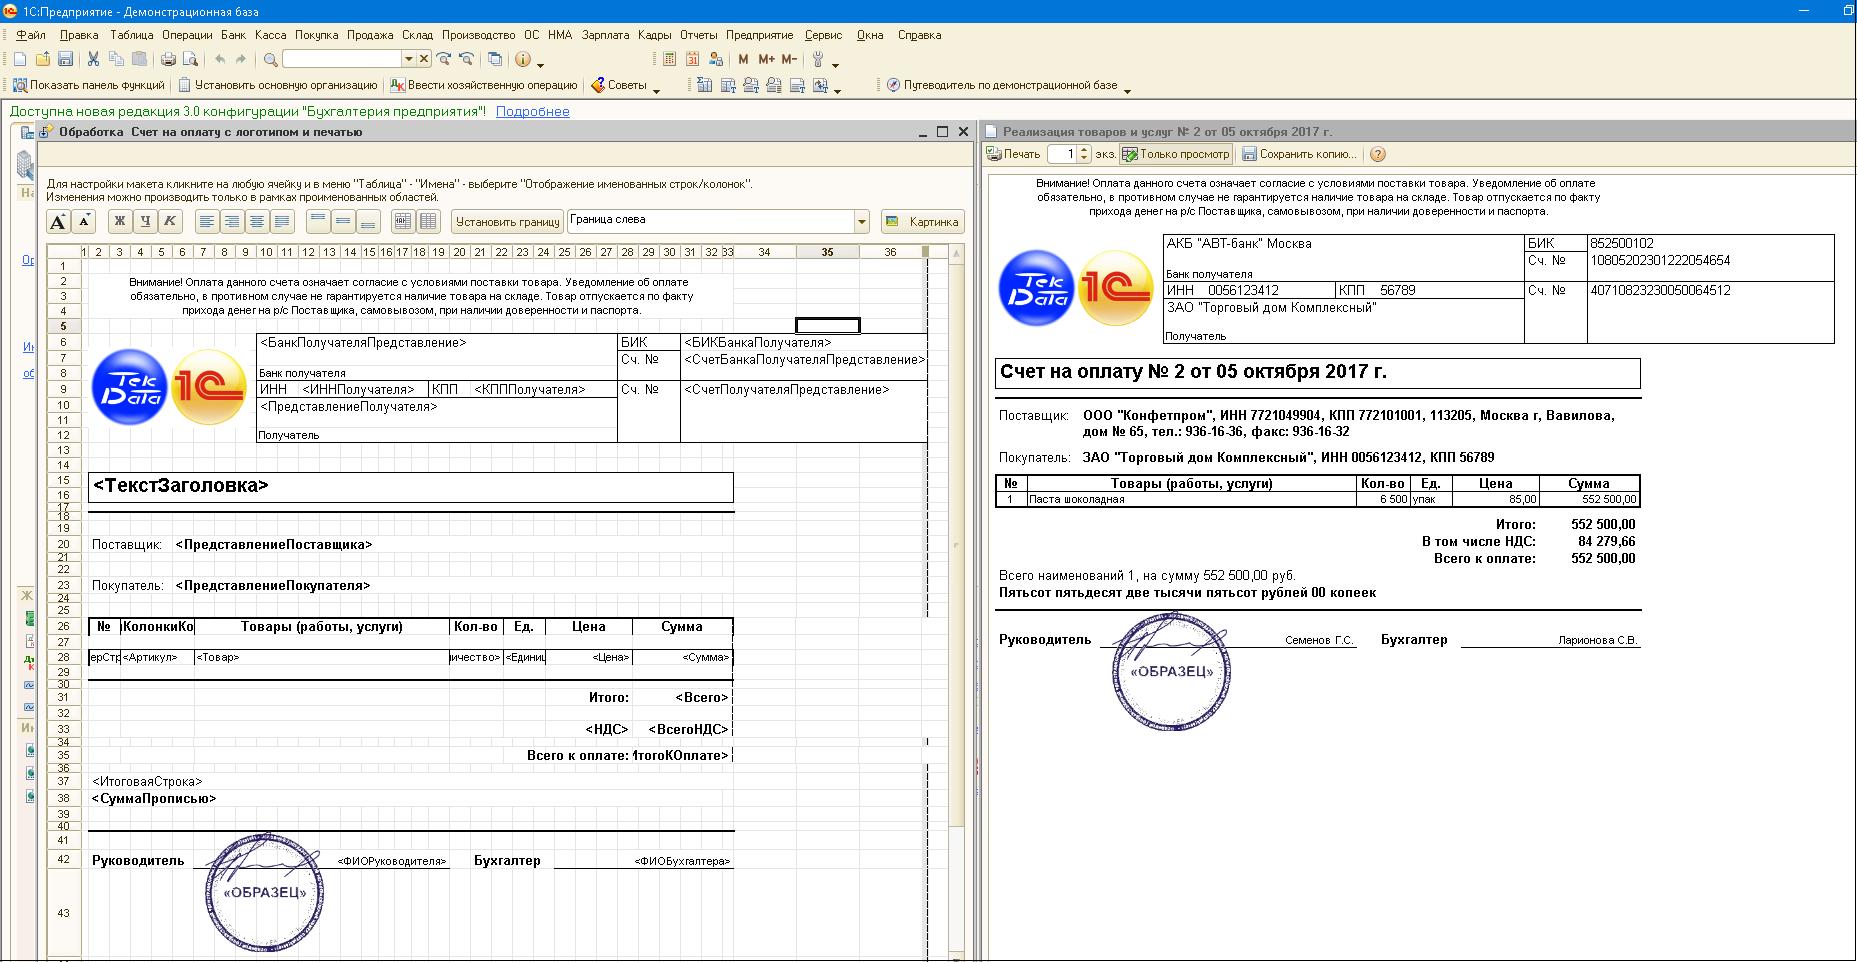 Счет на оплату с логотипом, подписью, печатью для 1С БП 2.0 (Внешняя печатная форма)